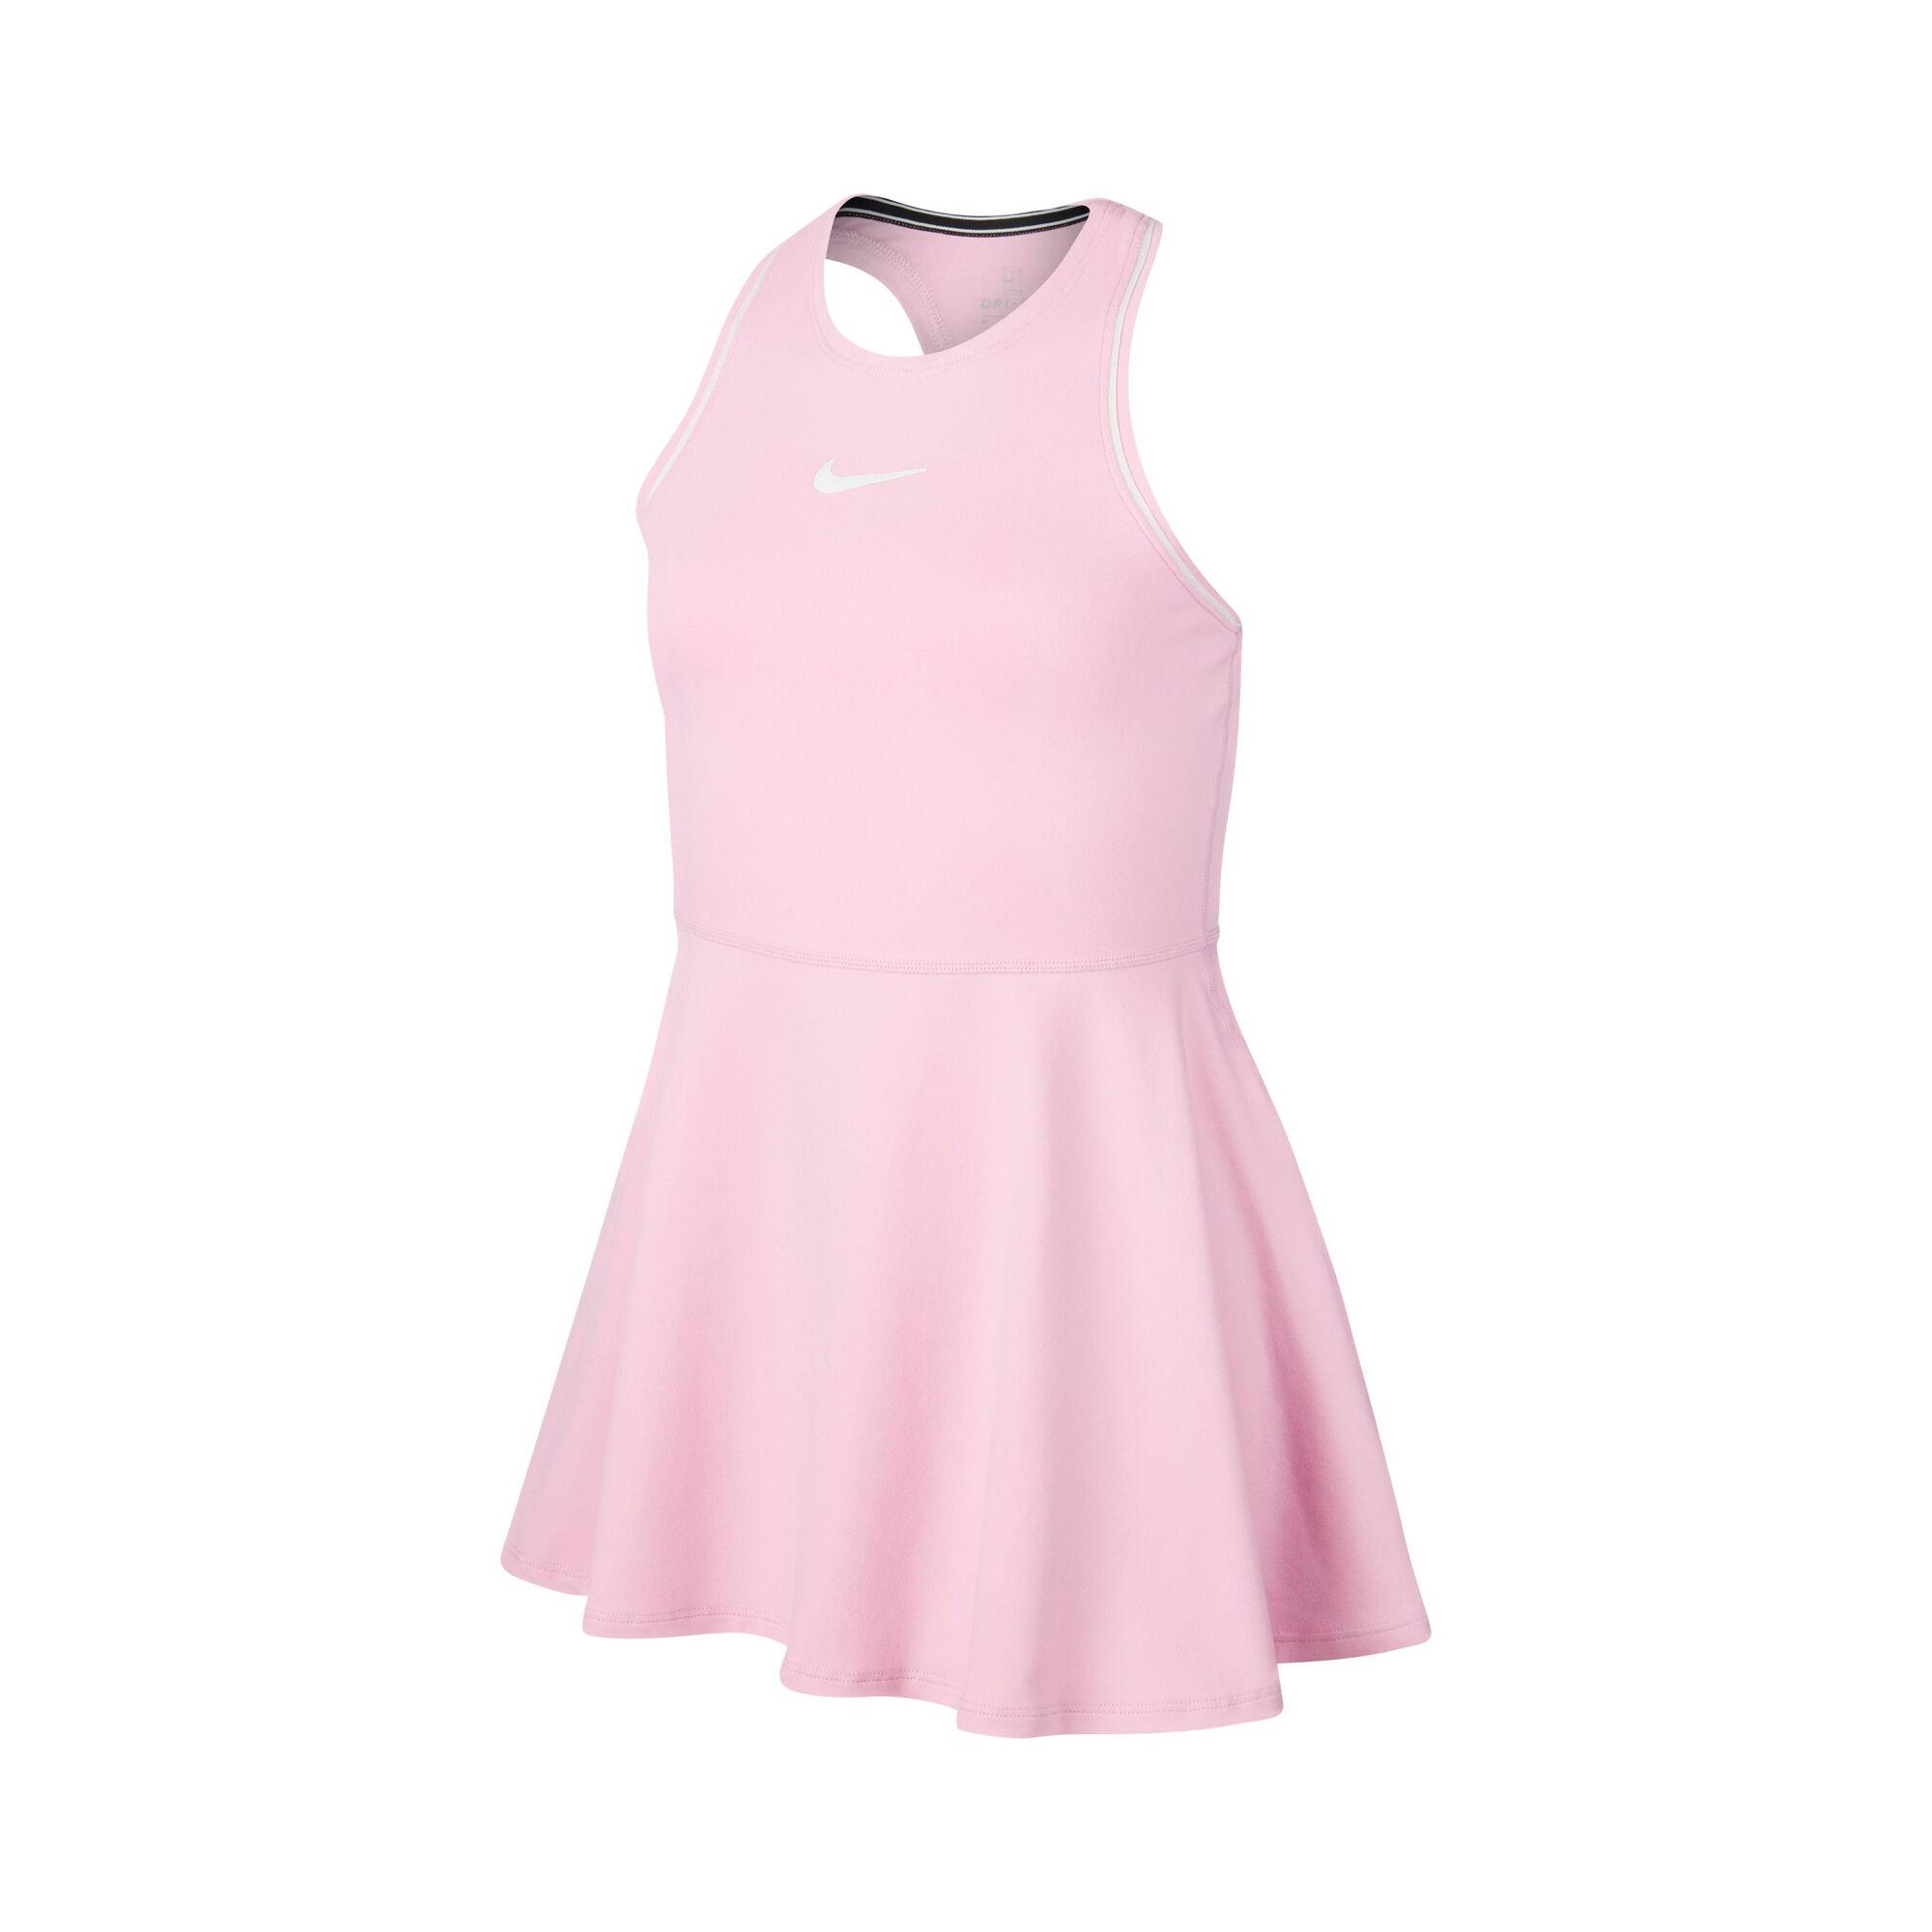 Nike Court Dry Kleid Mädchen - Rosa, Weiß online kaufen ...